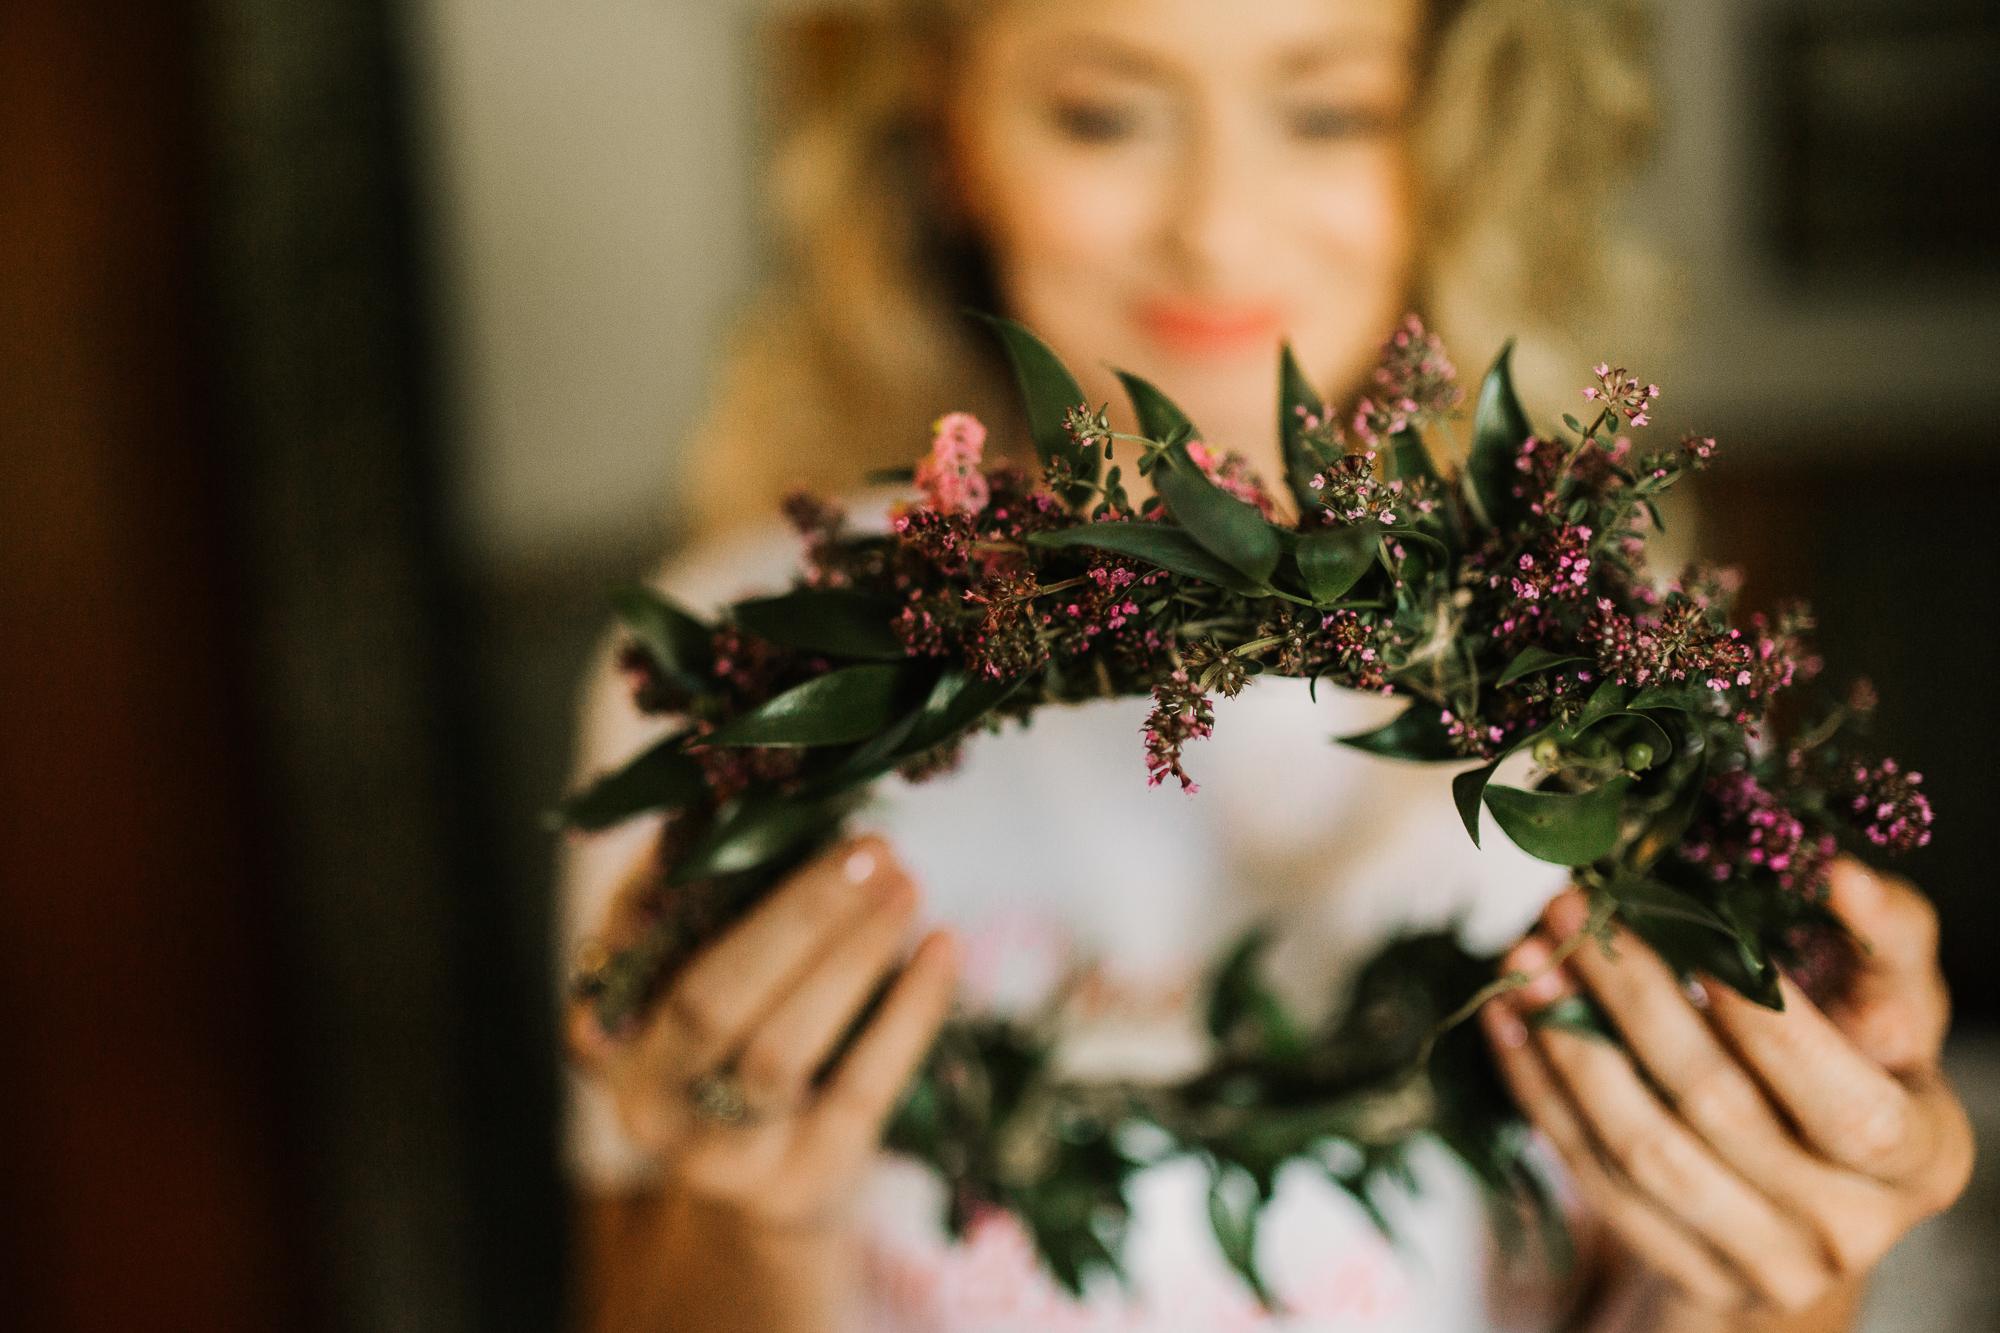 b45c6557977c Svadba bola v pondelok. Bol to najkrajší pondelok a začiatok do nového  týždňa. Ďalším dôvodom výberu bolo